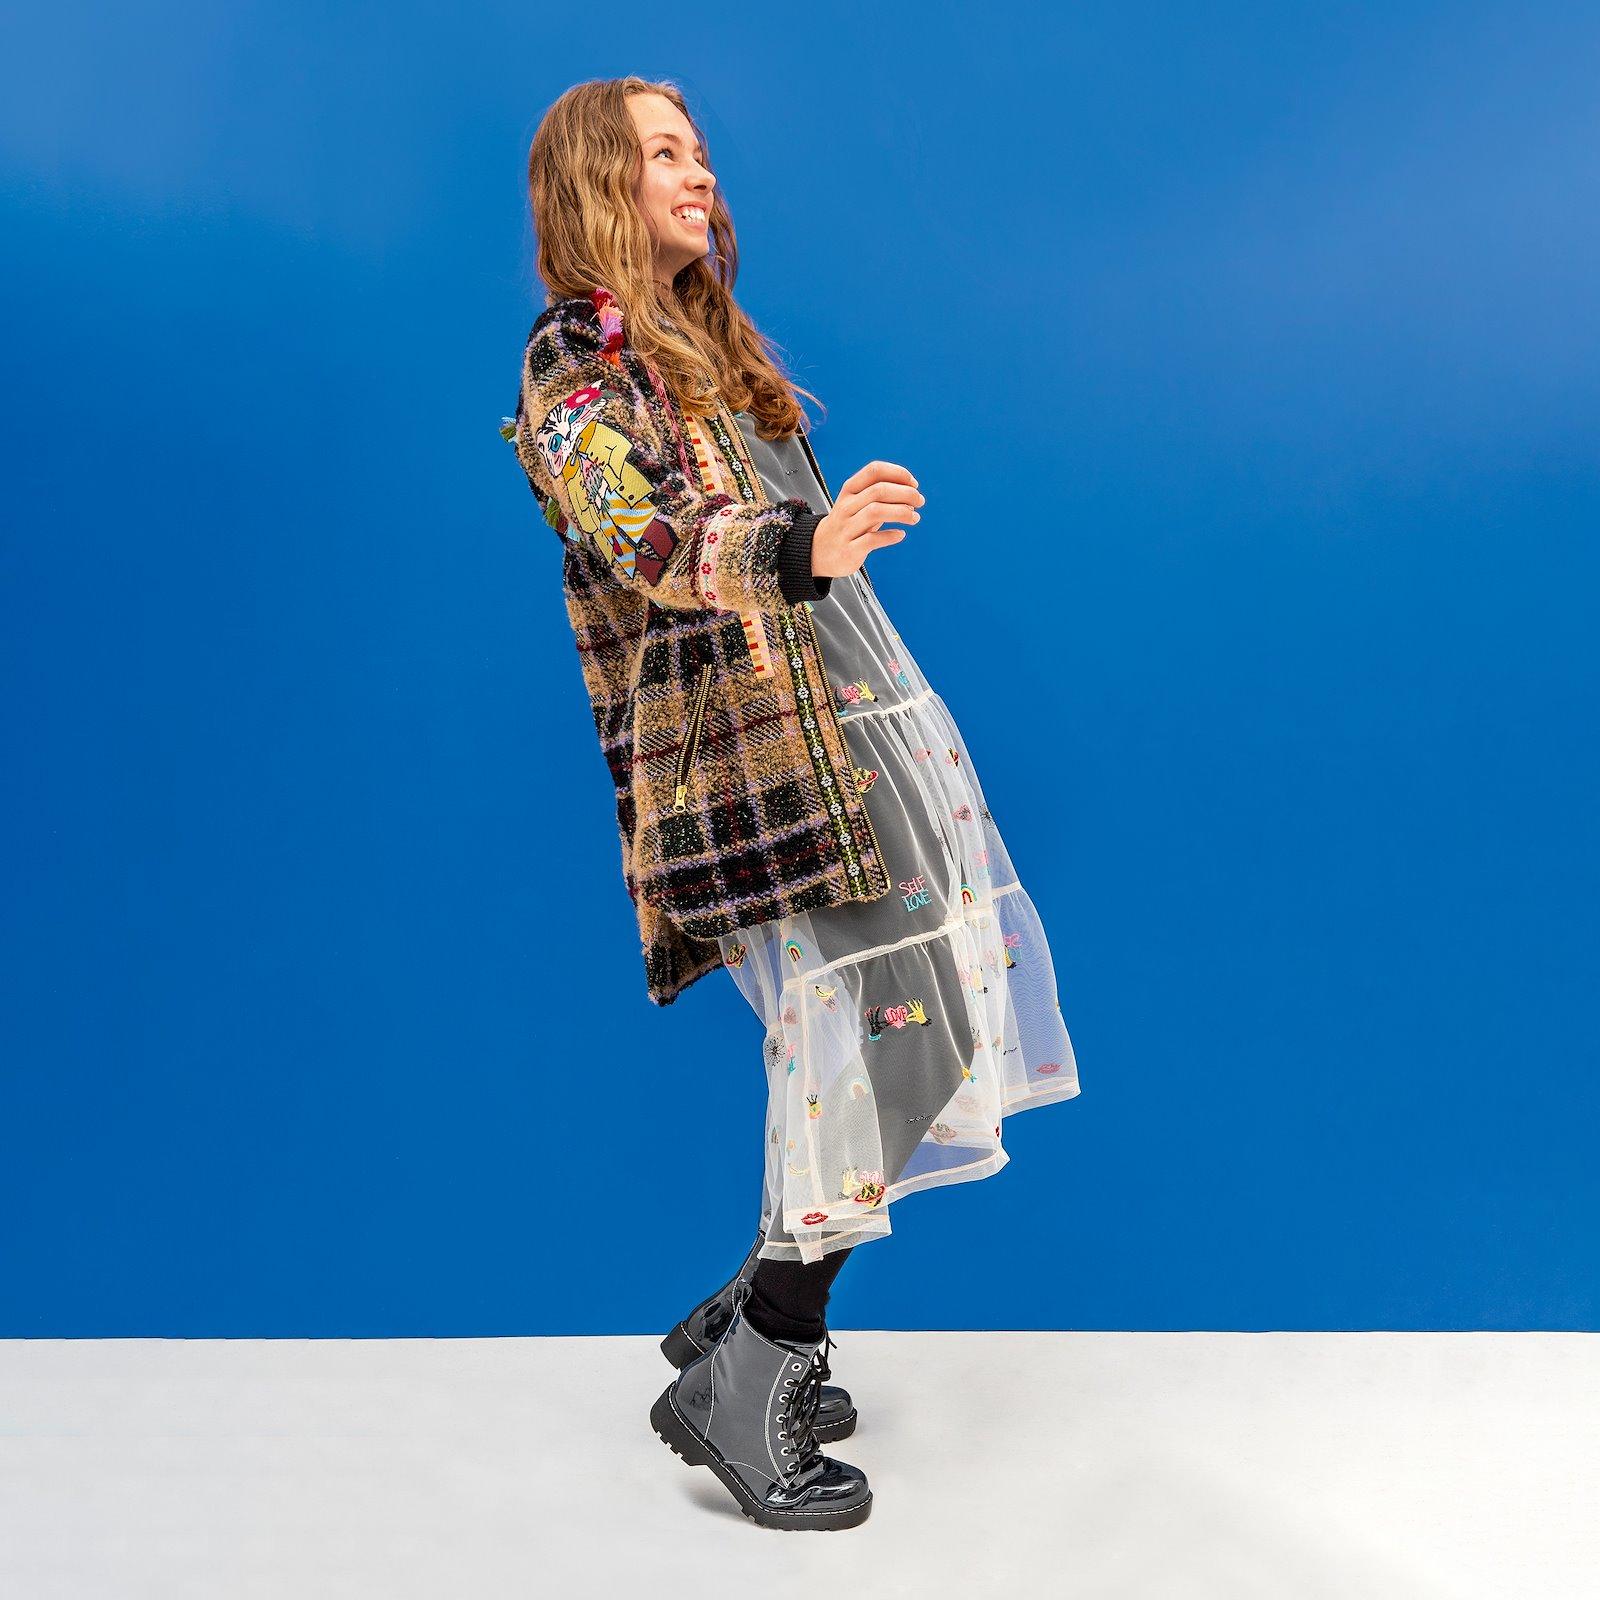 Jacket with raglan sleeves, 134/9y p64019_300228_3243_22399_22409_22410_22364_22411_22402_22360_22362_24842_24839_bundle